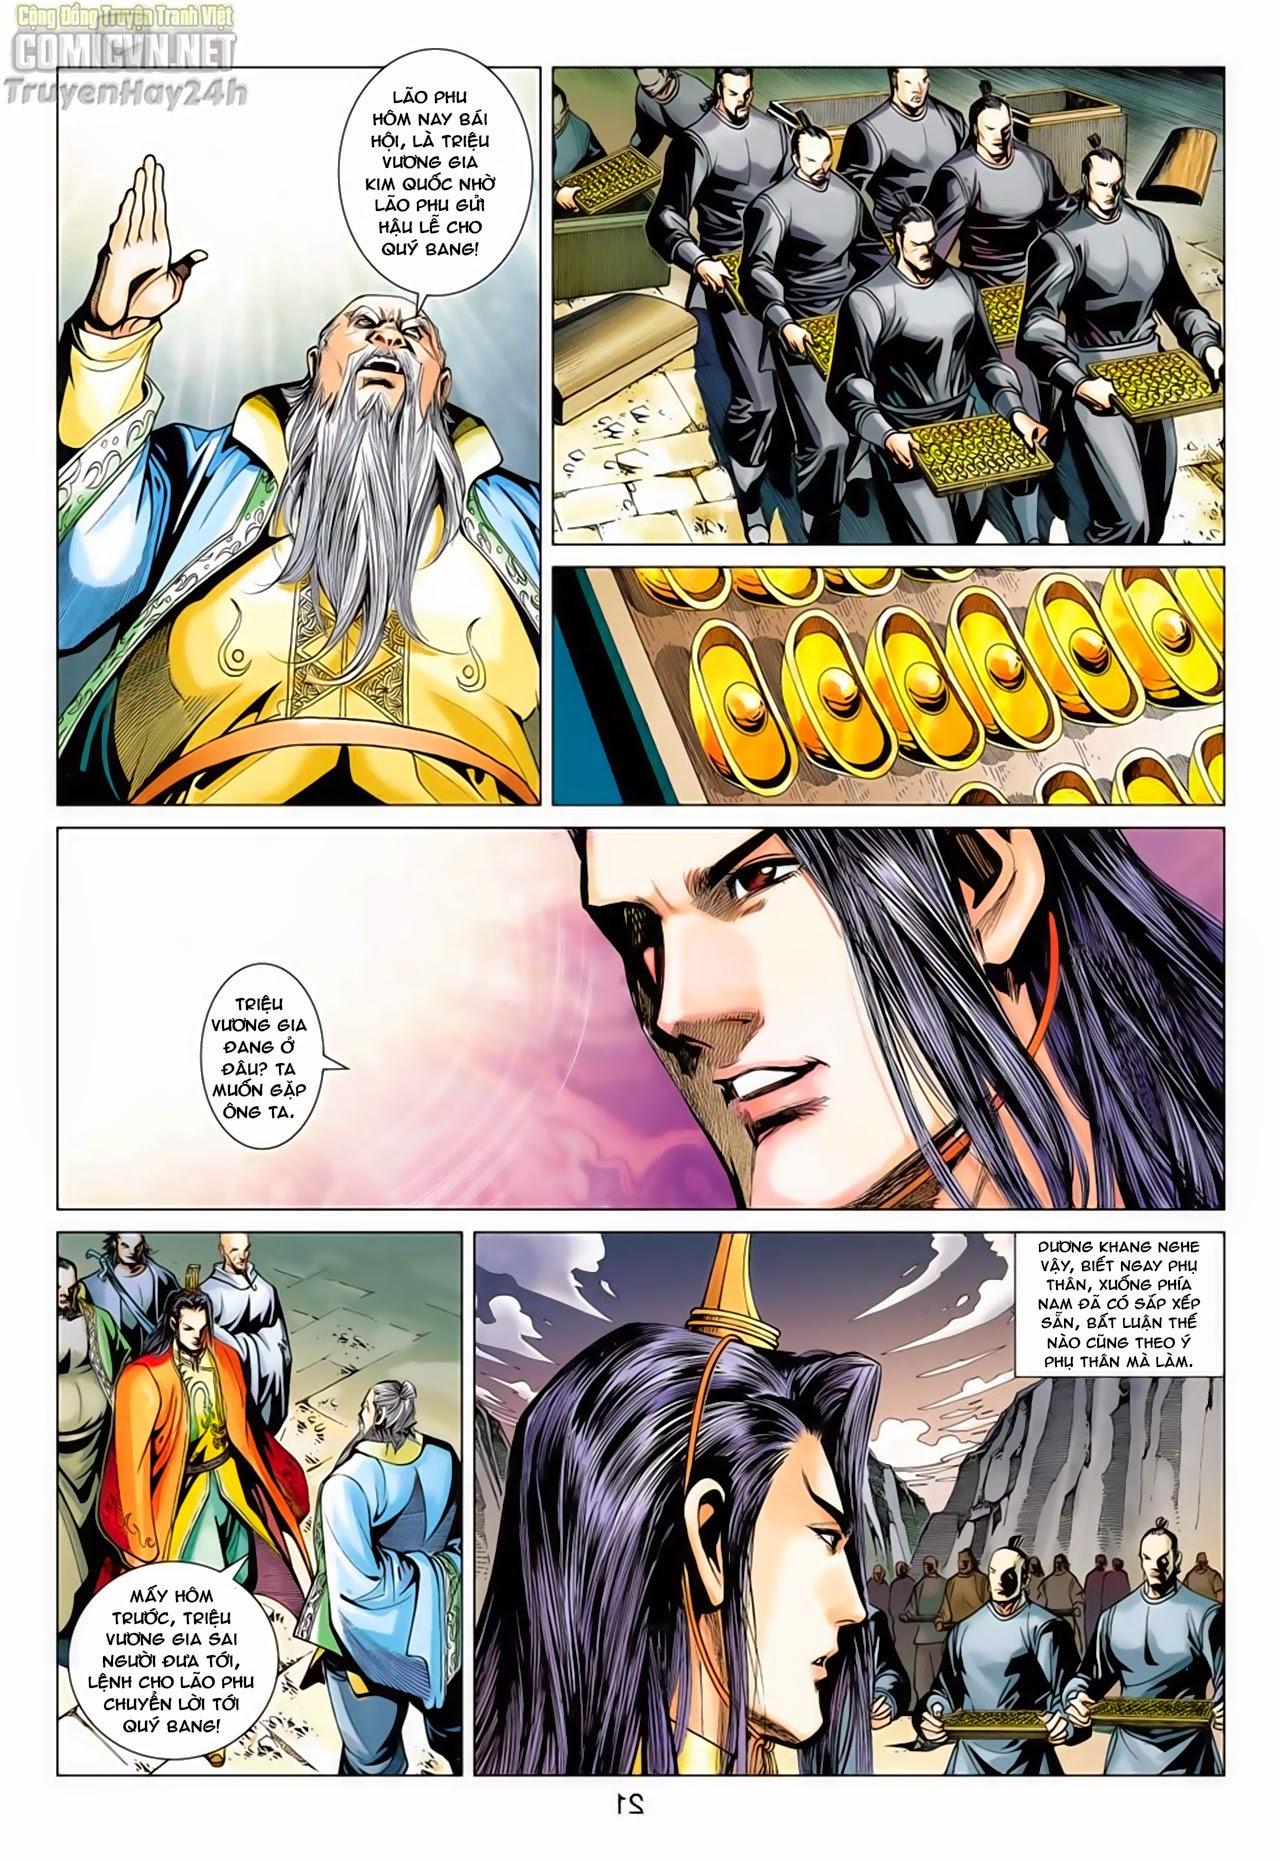 Anh Hùng Xạ Điêu anh hùng xạ đêu chap 66: nhạc châu đại hội trang 21